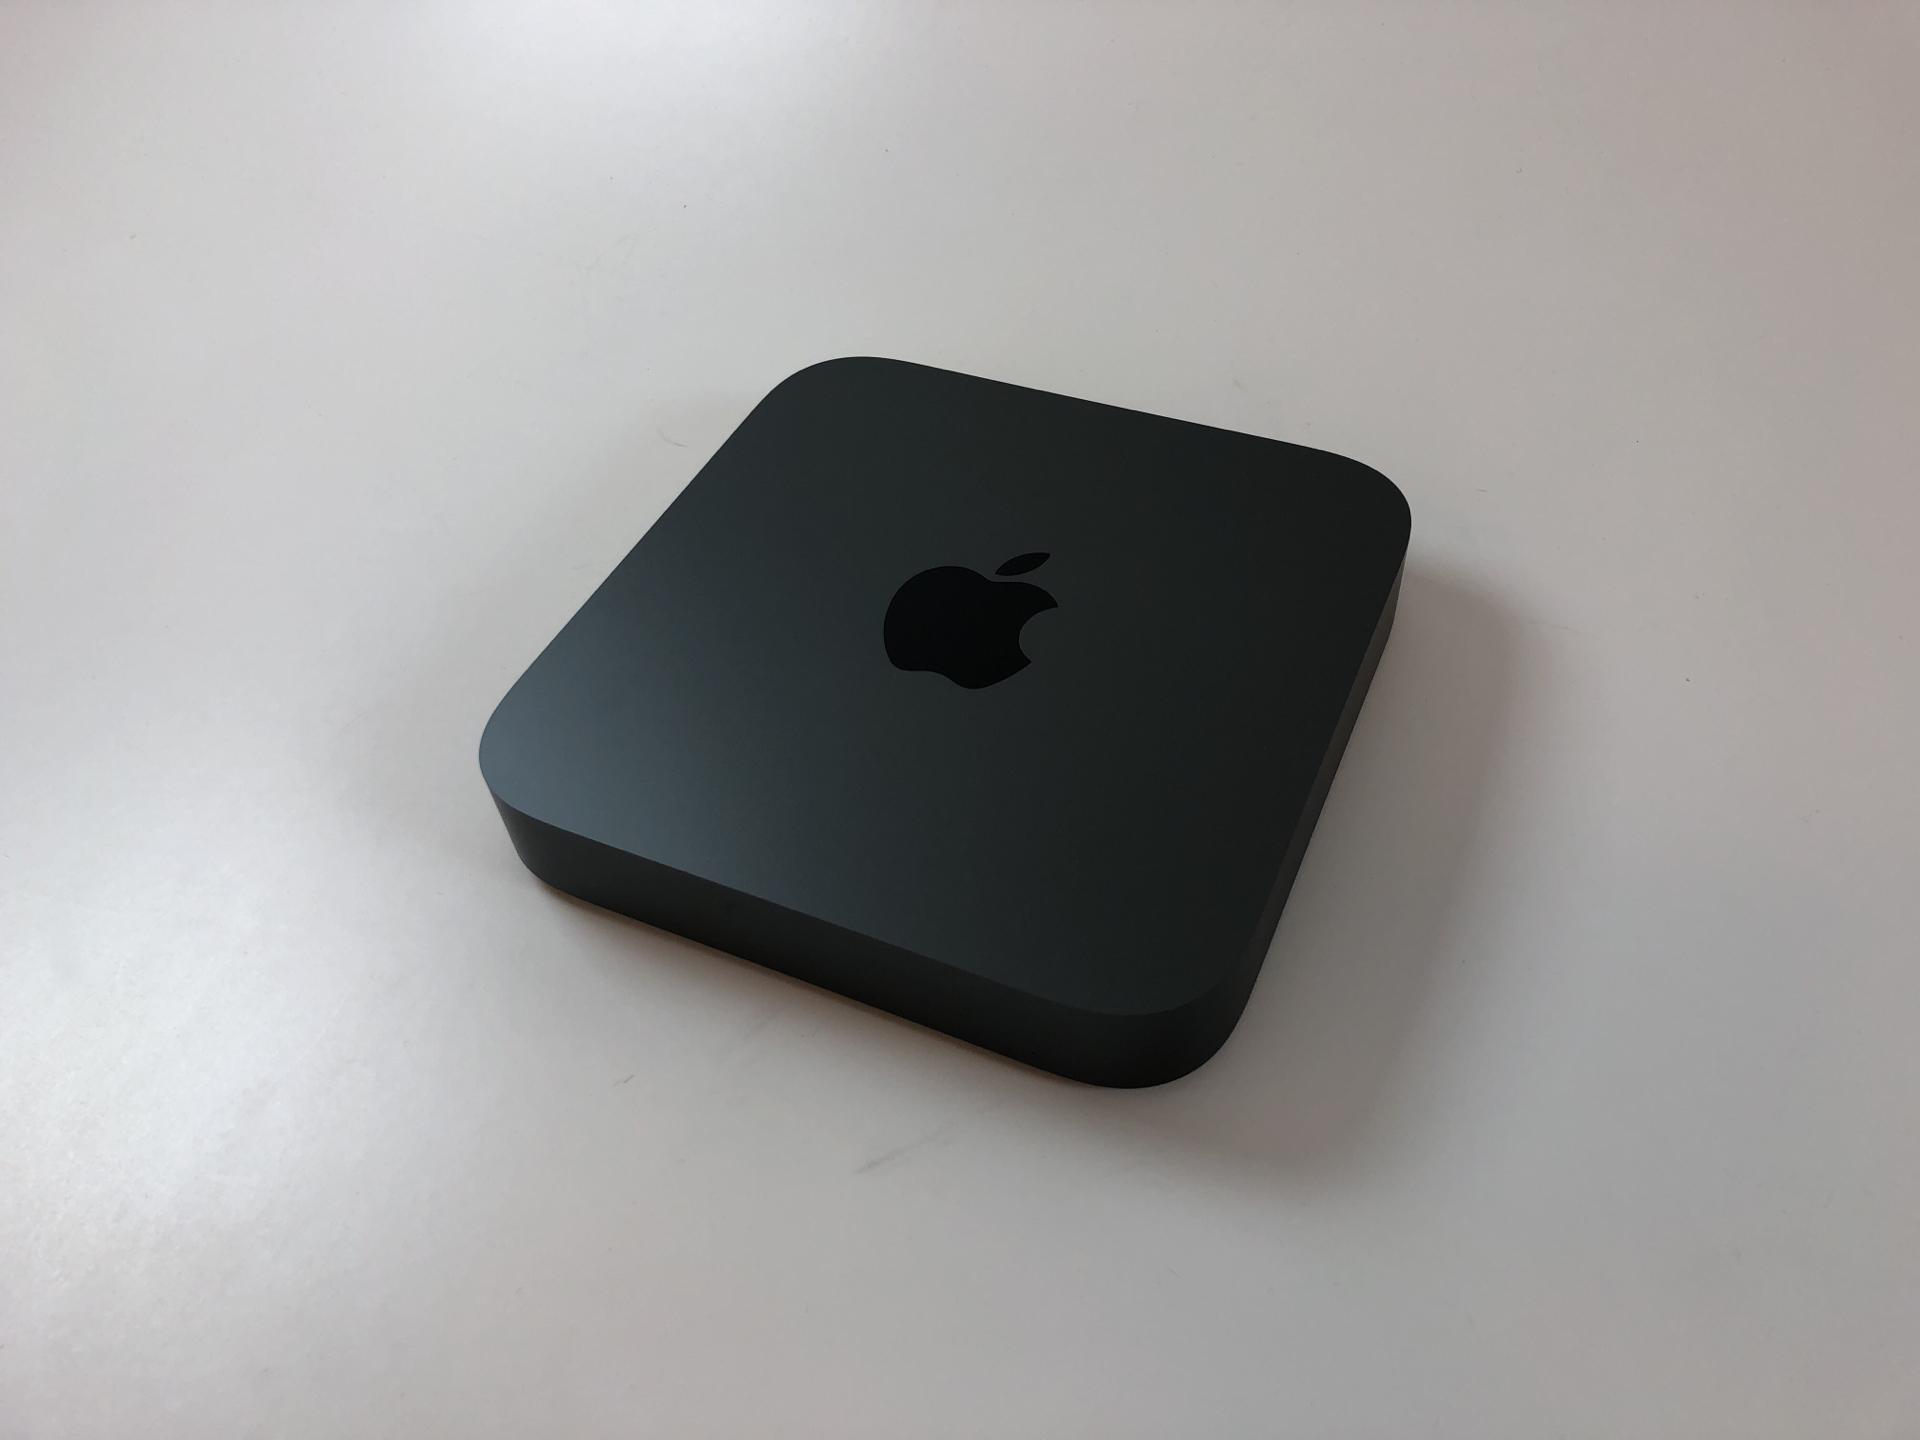 Mac Mini Late 2018 (Intel 6-Core i7 3.2 GHz 32 GB RAM 512 GB SSD), Intel 6-Core i7 3.2 GHz, 32 GB RAM, 512 GB SSD, obraz 1